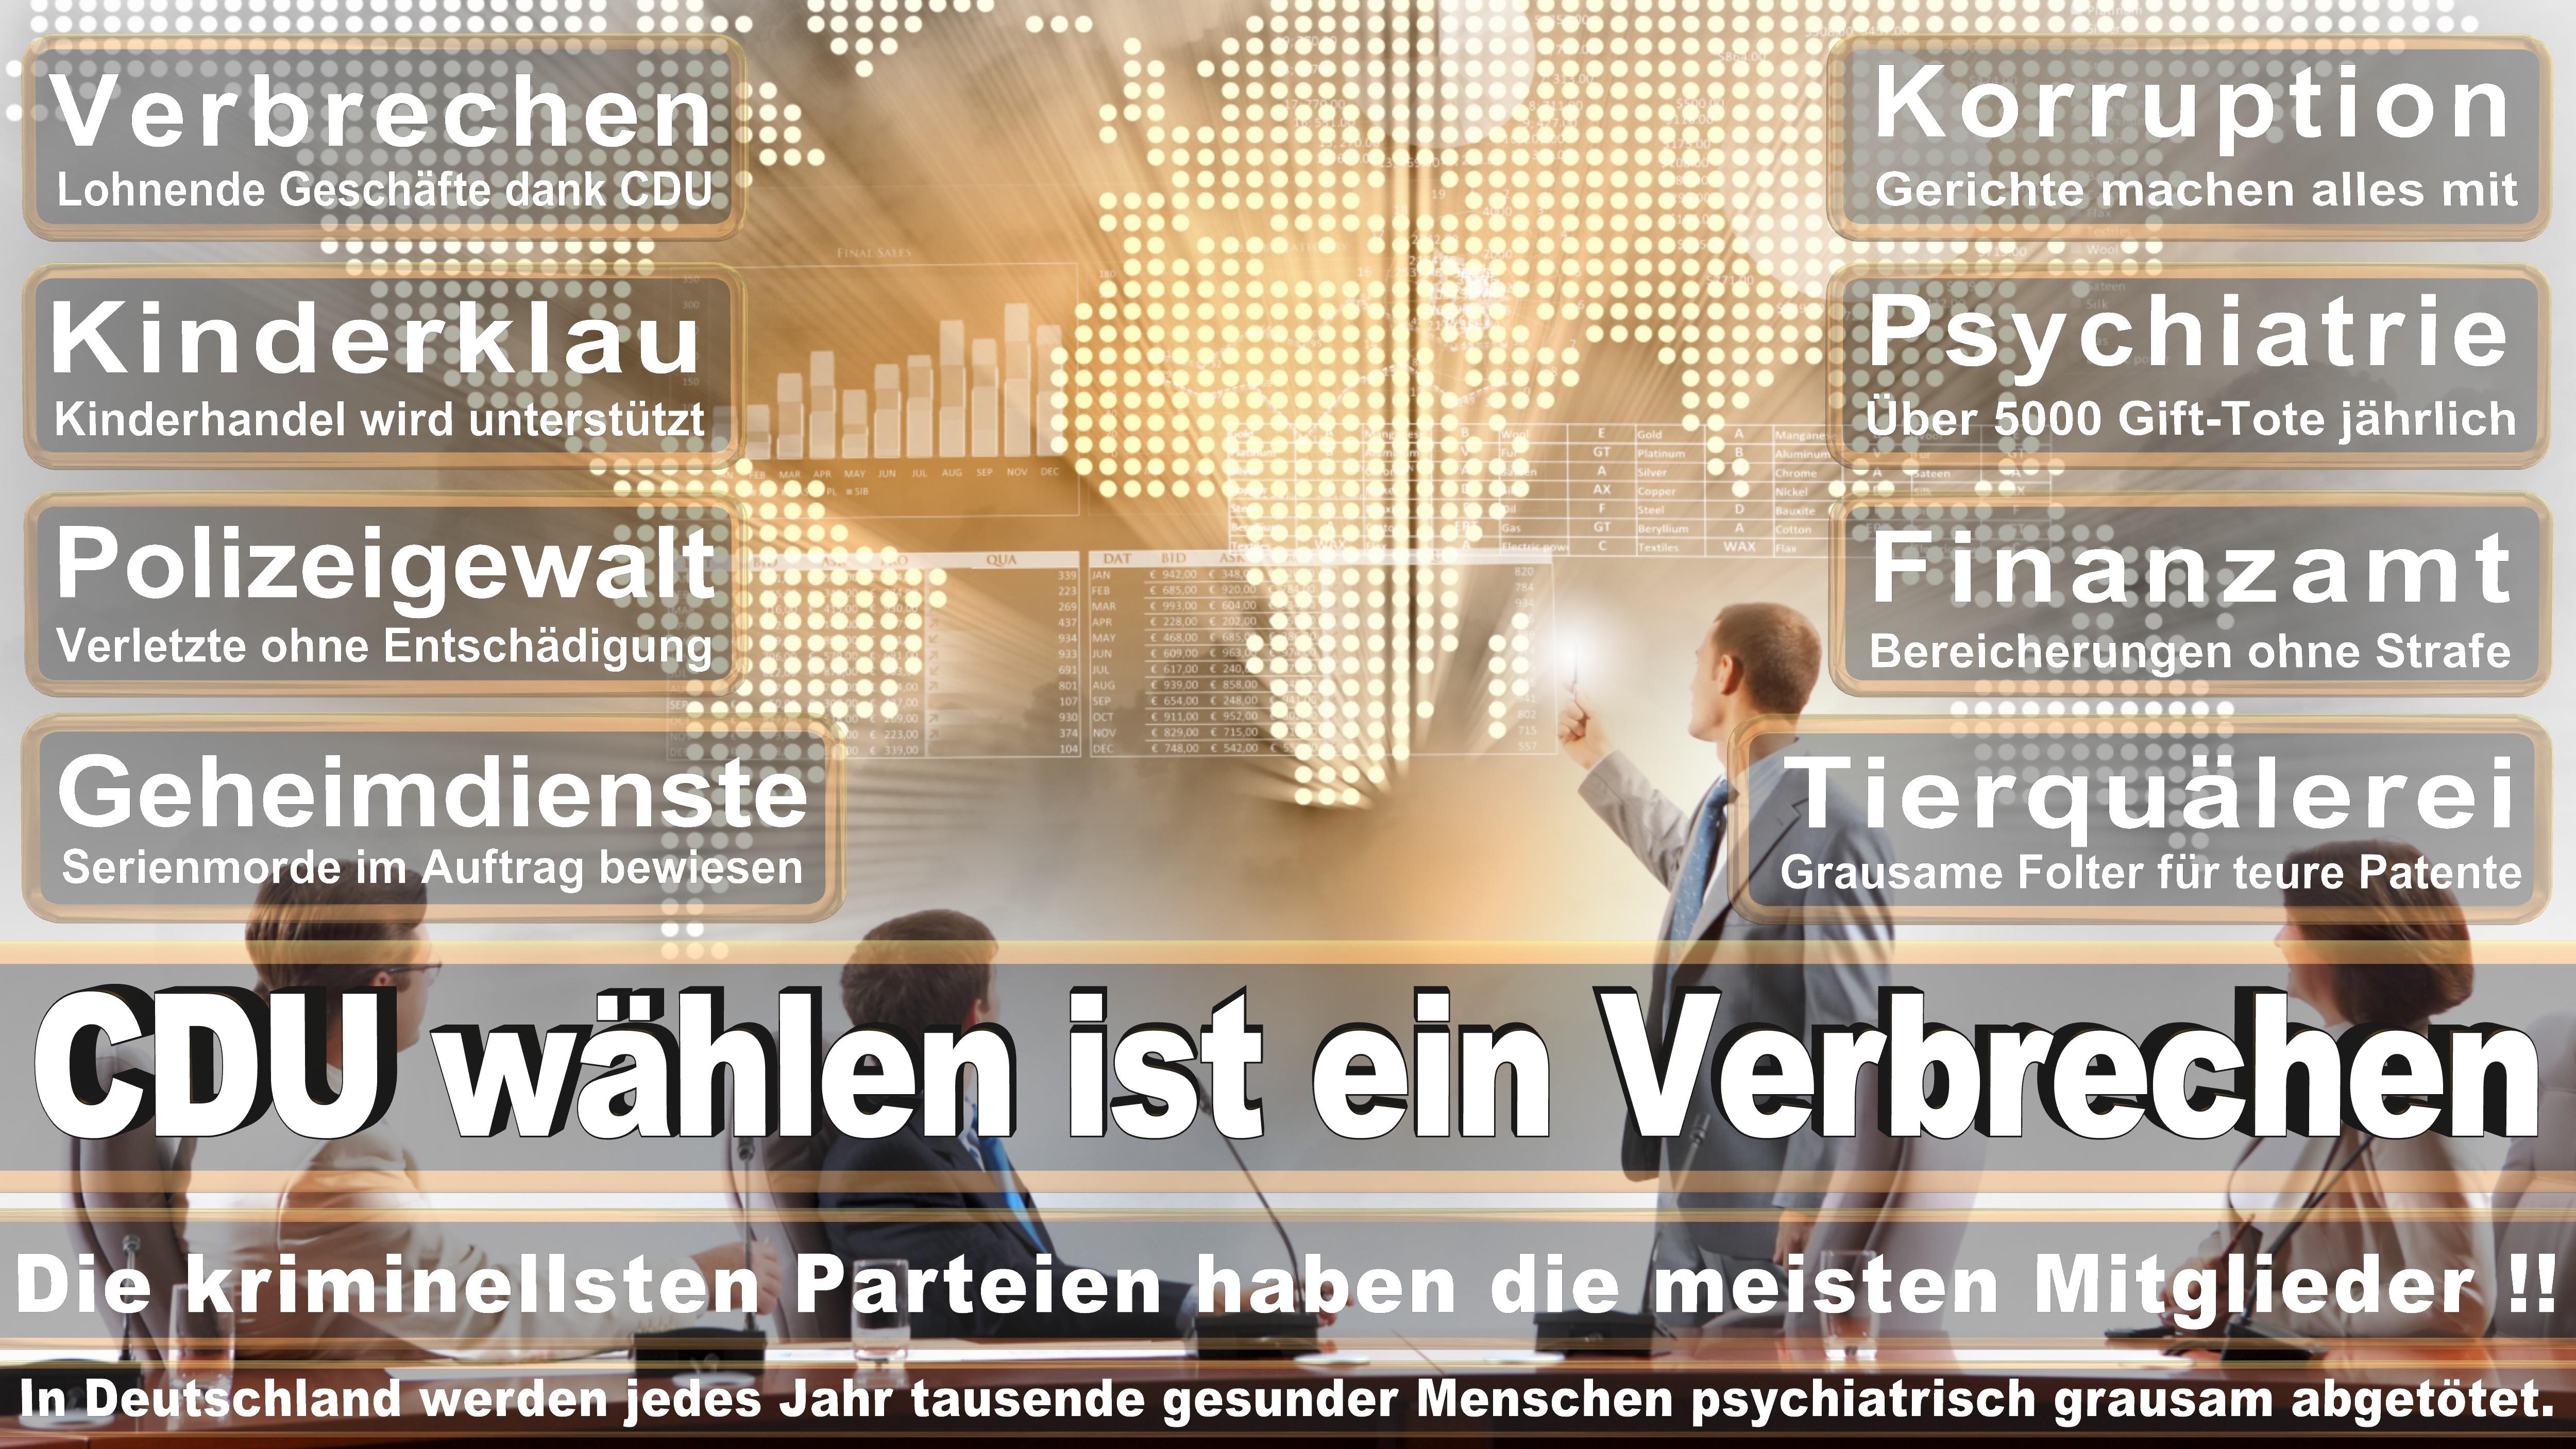 Staatsminister Bei Der Bundeskanzlerin Und Koordinator Der Bundesregierung Für CDU CSU Politiker